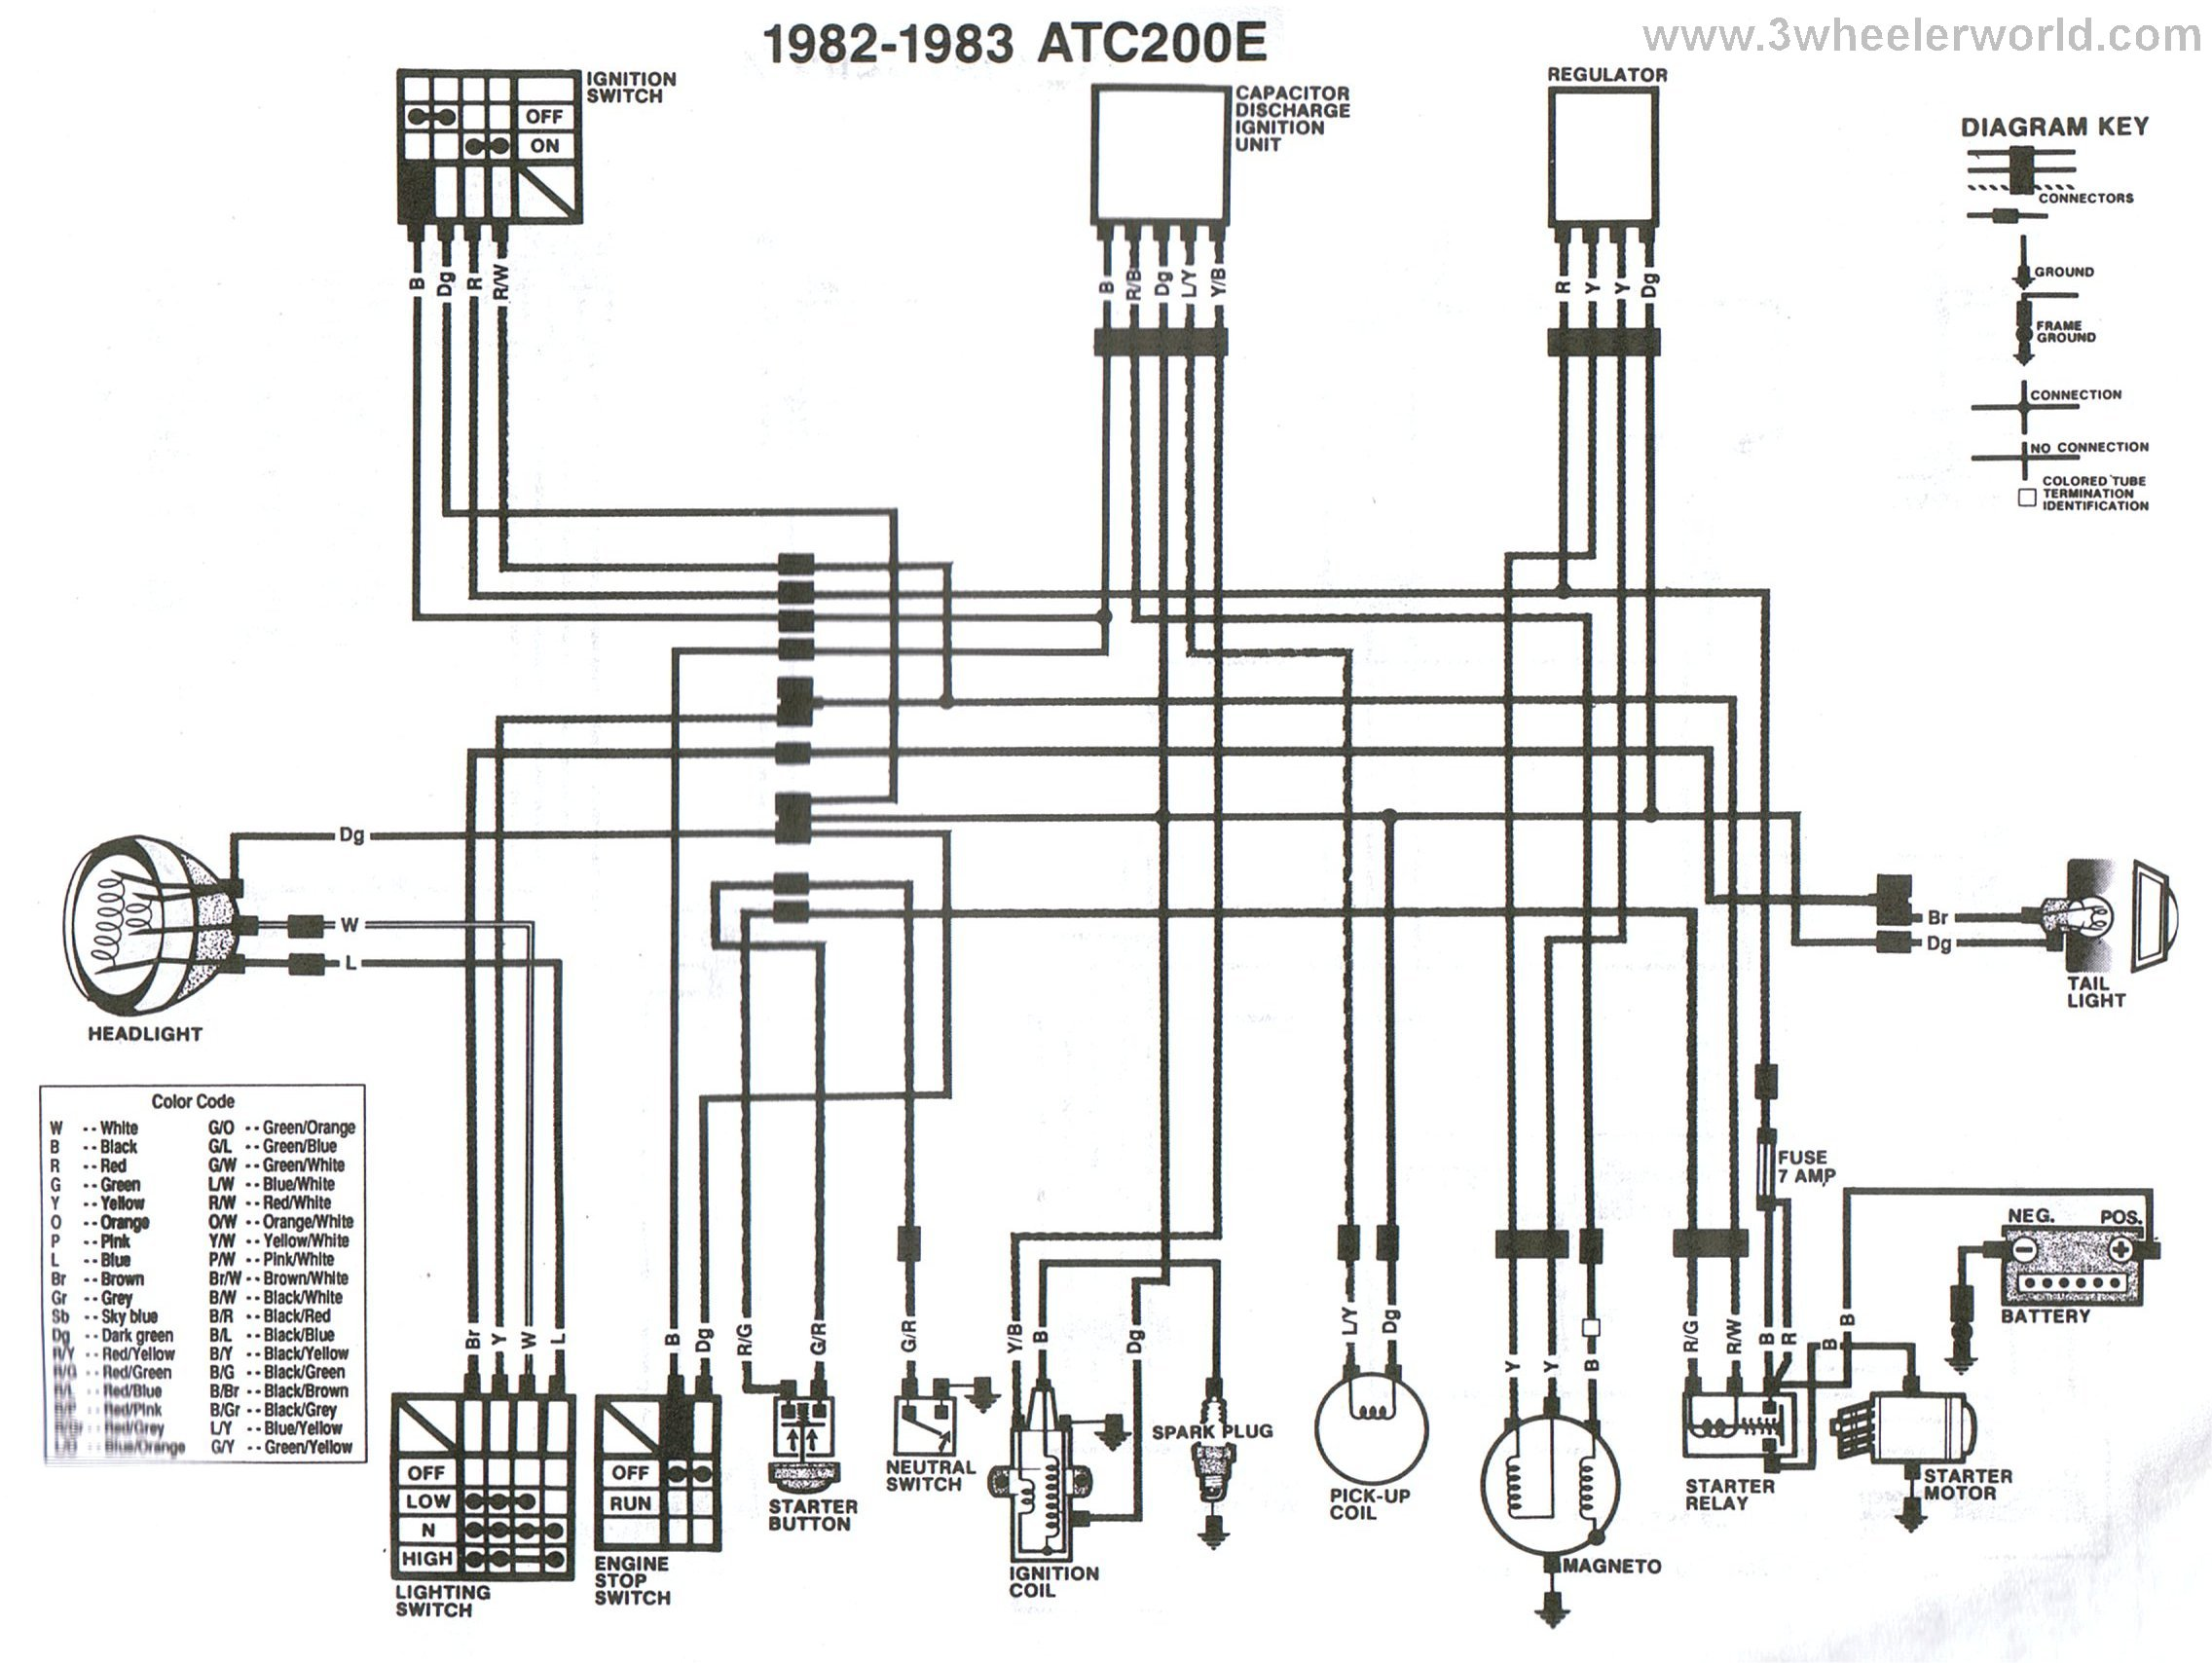 01 honda 400ex colored wiring diagram basic guide wiring diagram u2022 rh hydrasystemsllc com